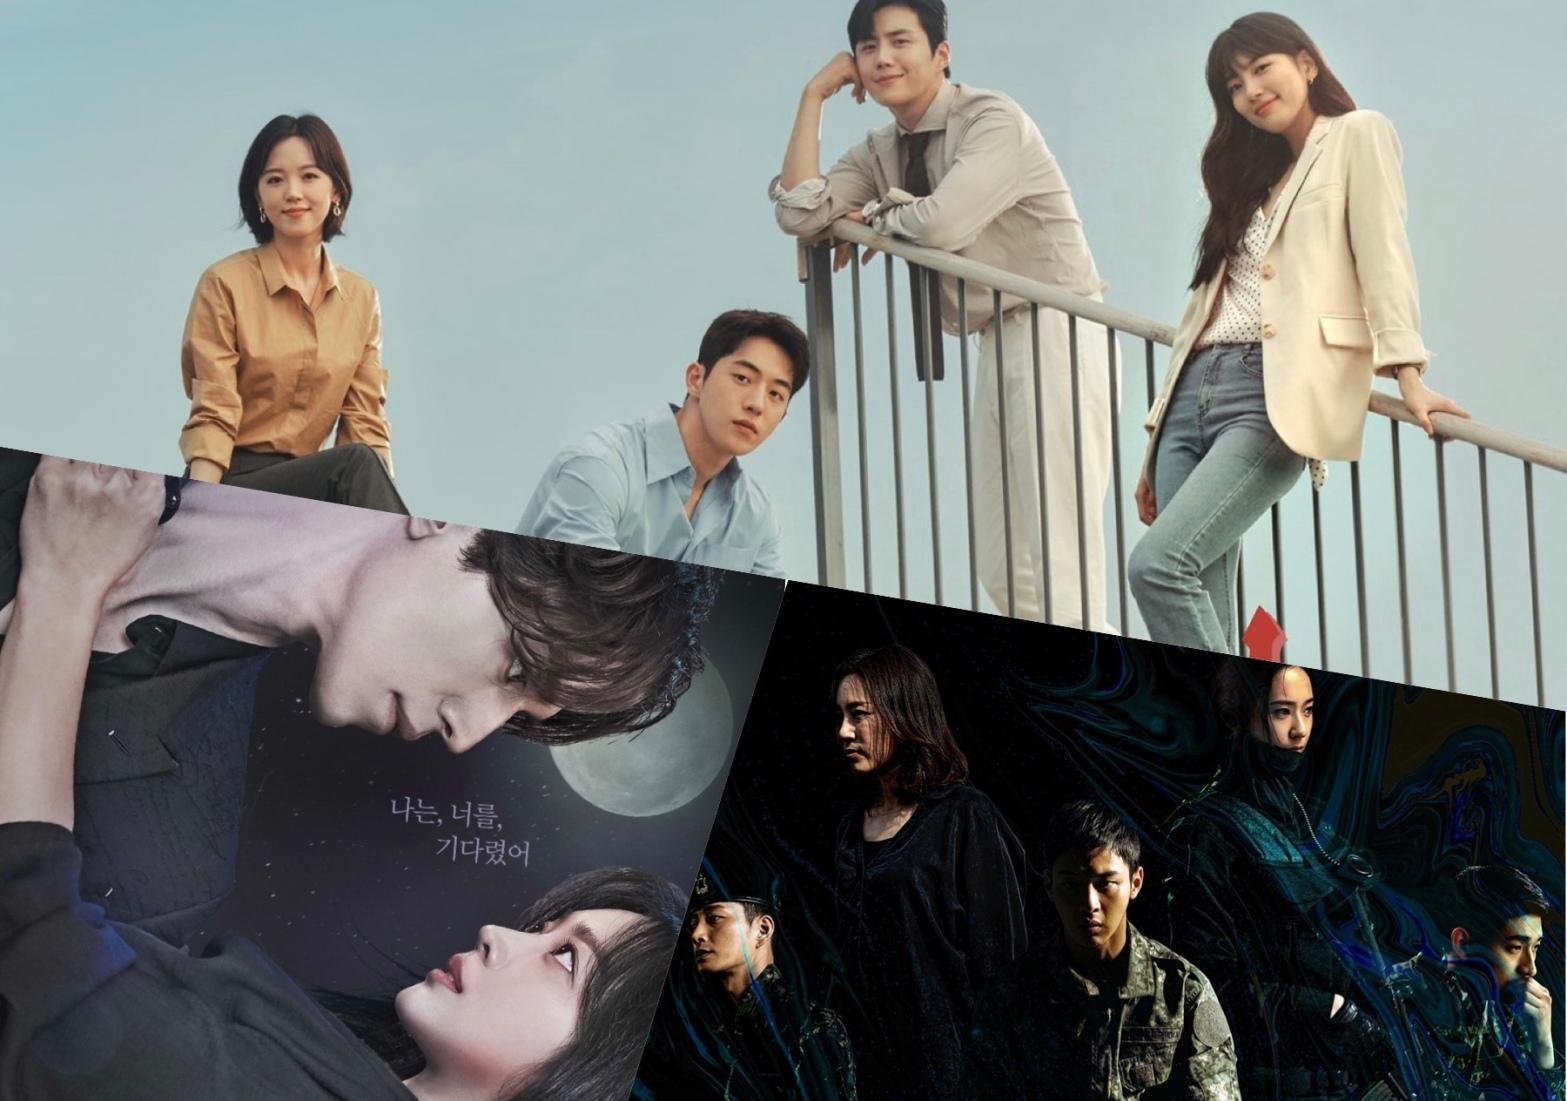 Kdrama premiering in October 2020